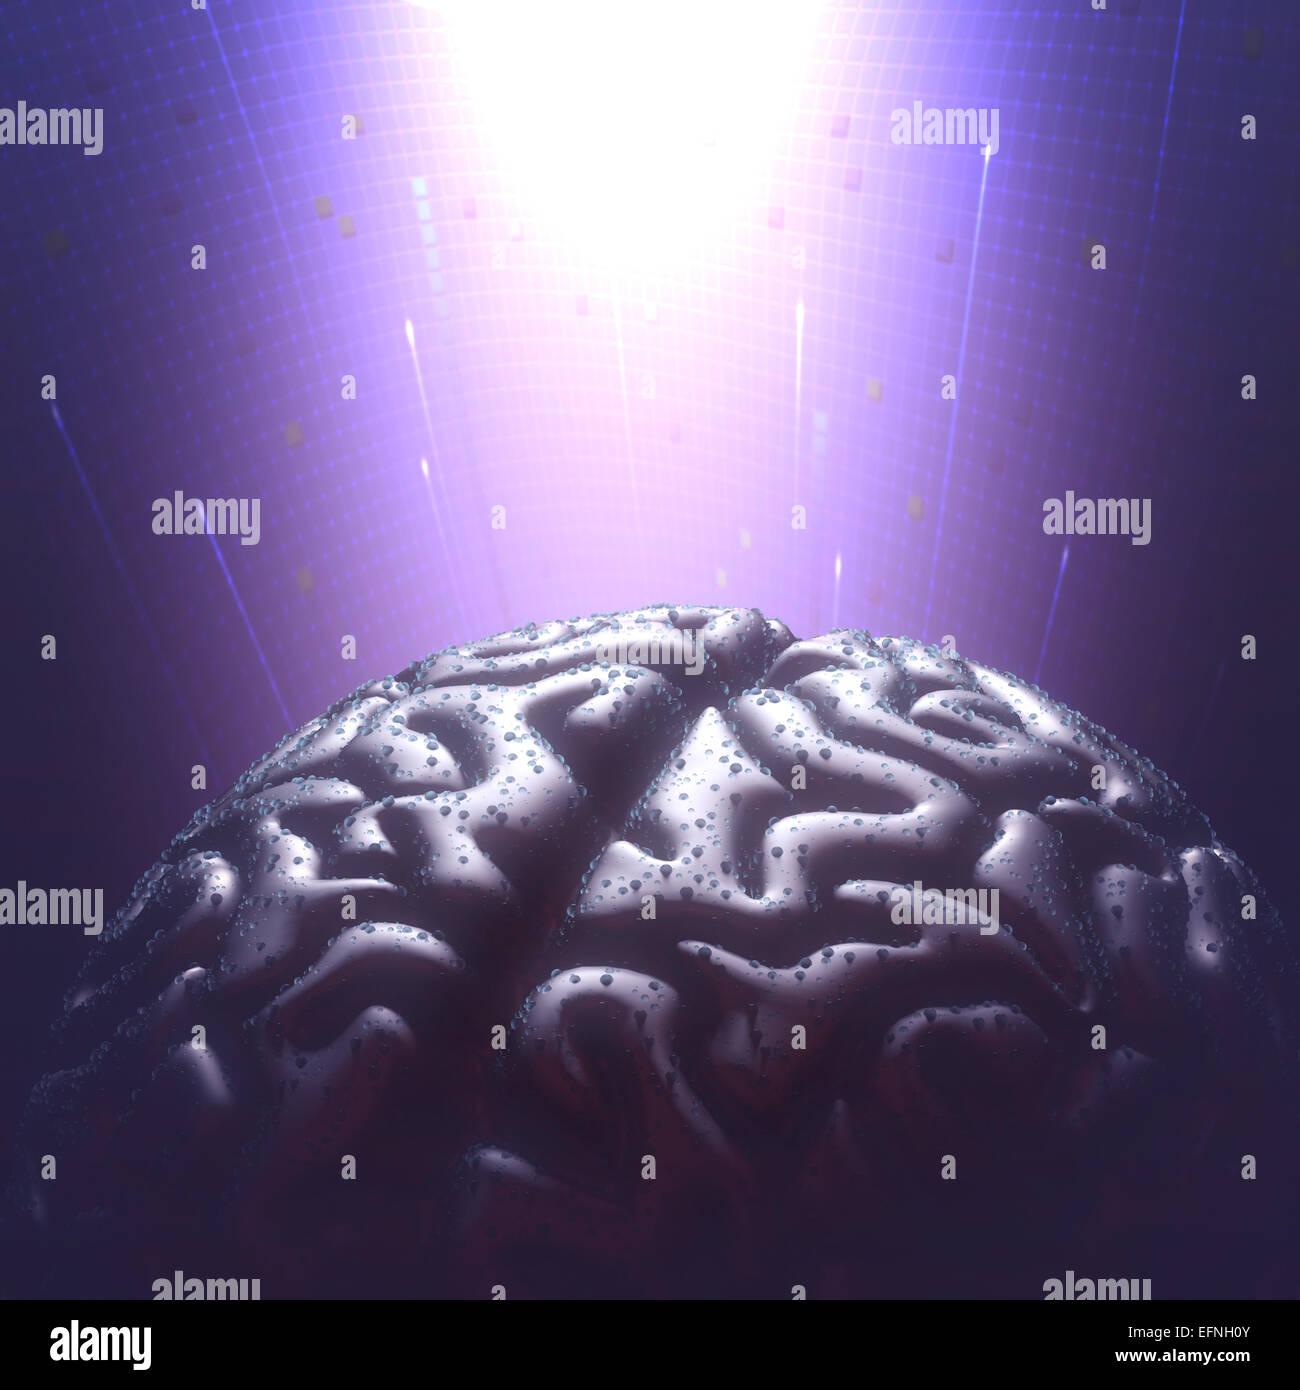 Metal brain avec des gouttelettes de pluie dans un environnement sombre. Copie espace et chemin de détourage Photo Stock